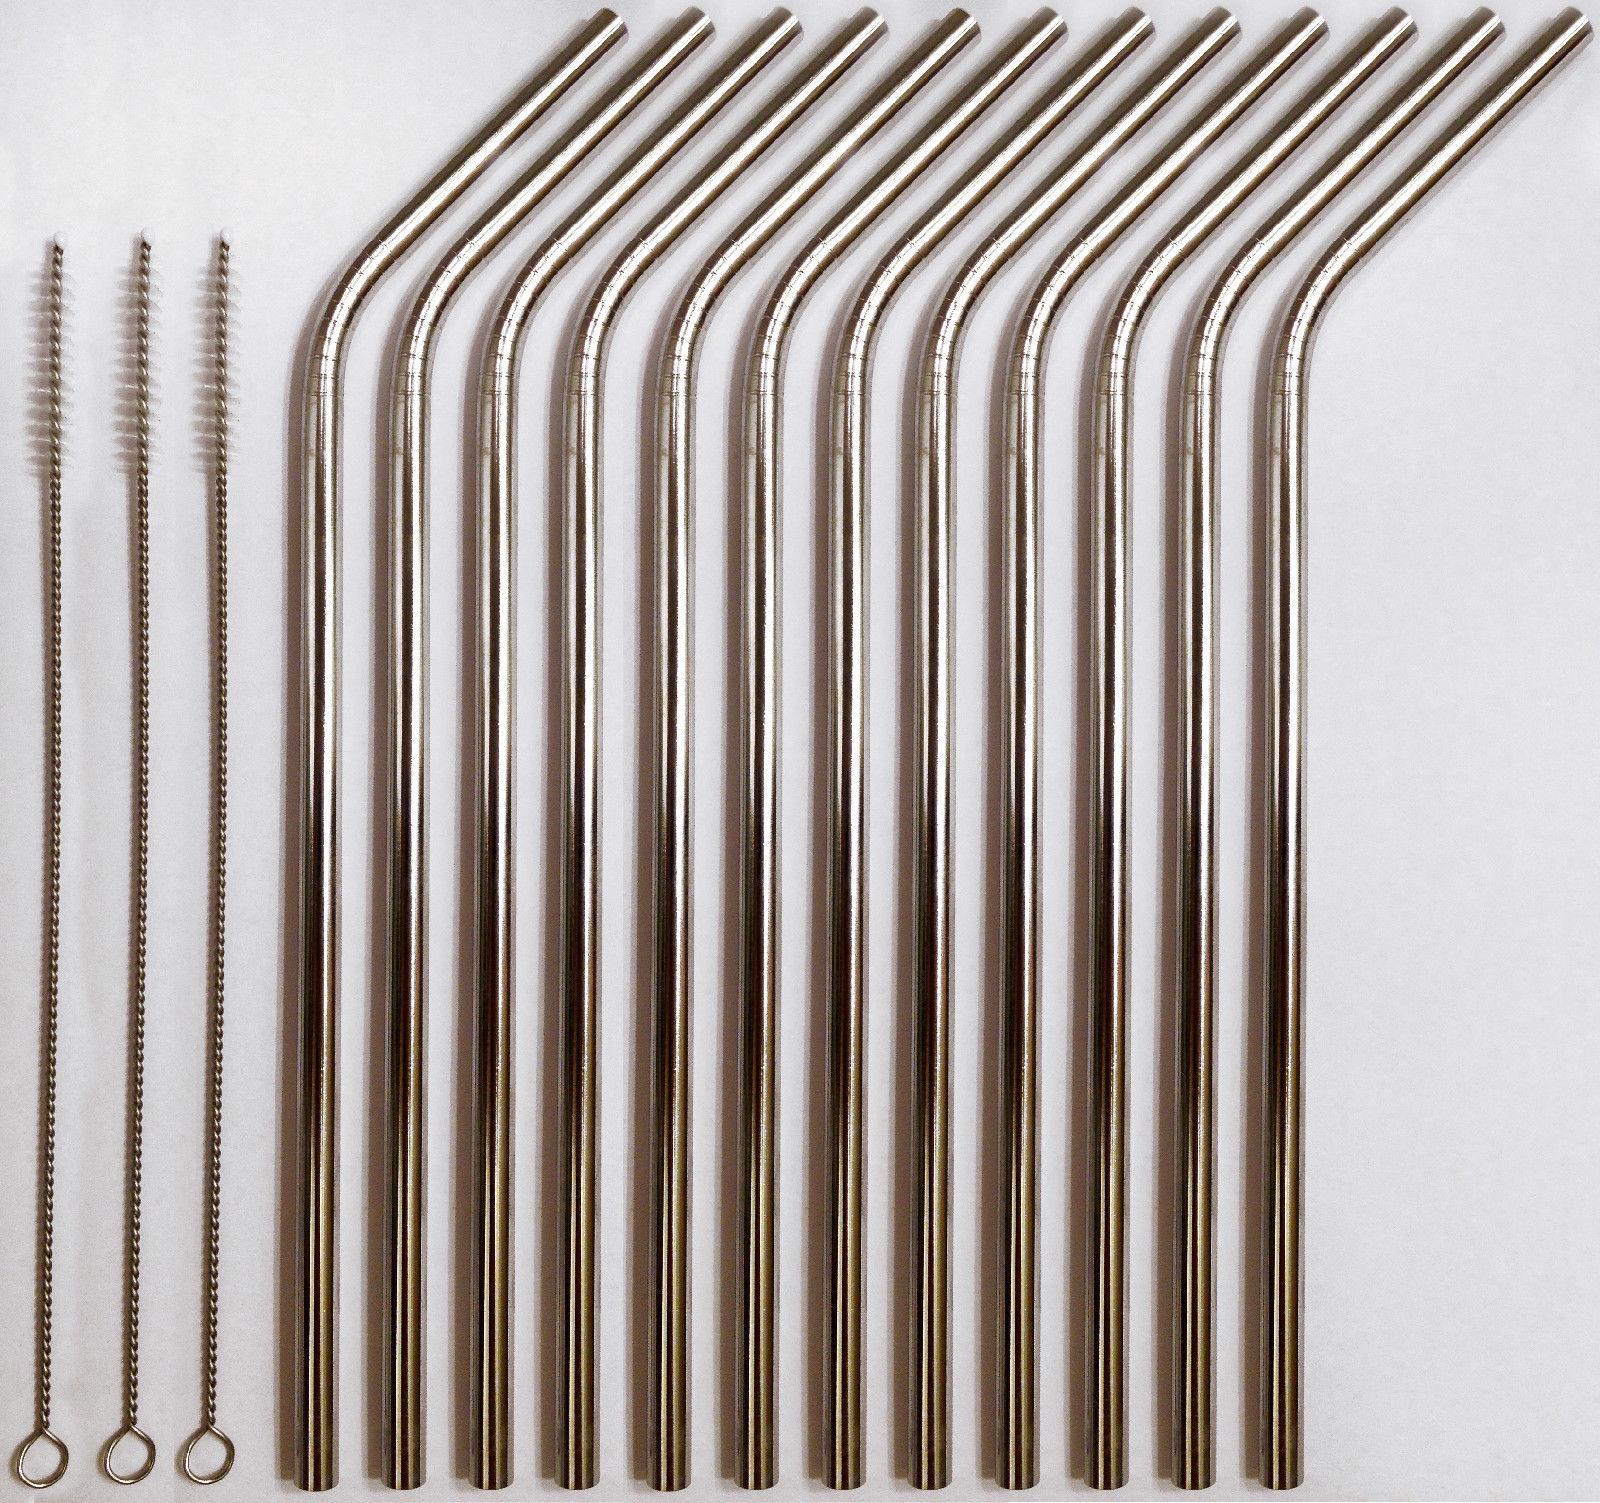 12 Stainless Steel Drinking Straws + 3 Cleaner Brushes USA SELLER Reusable BULK